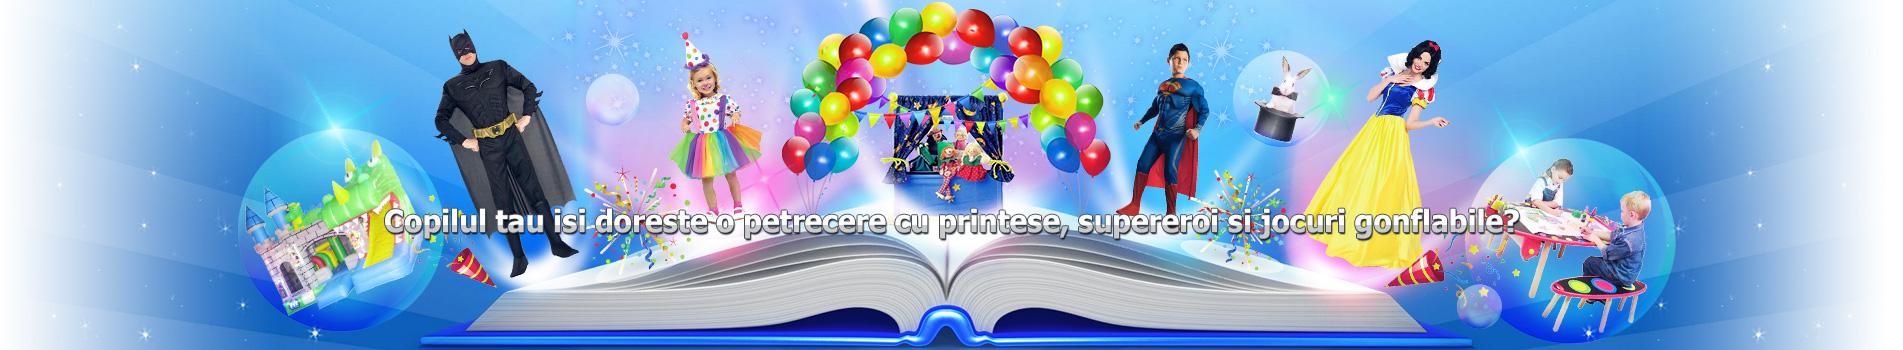 slider1-petreceri1